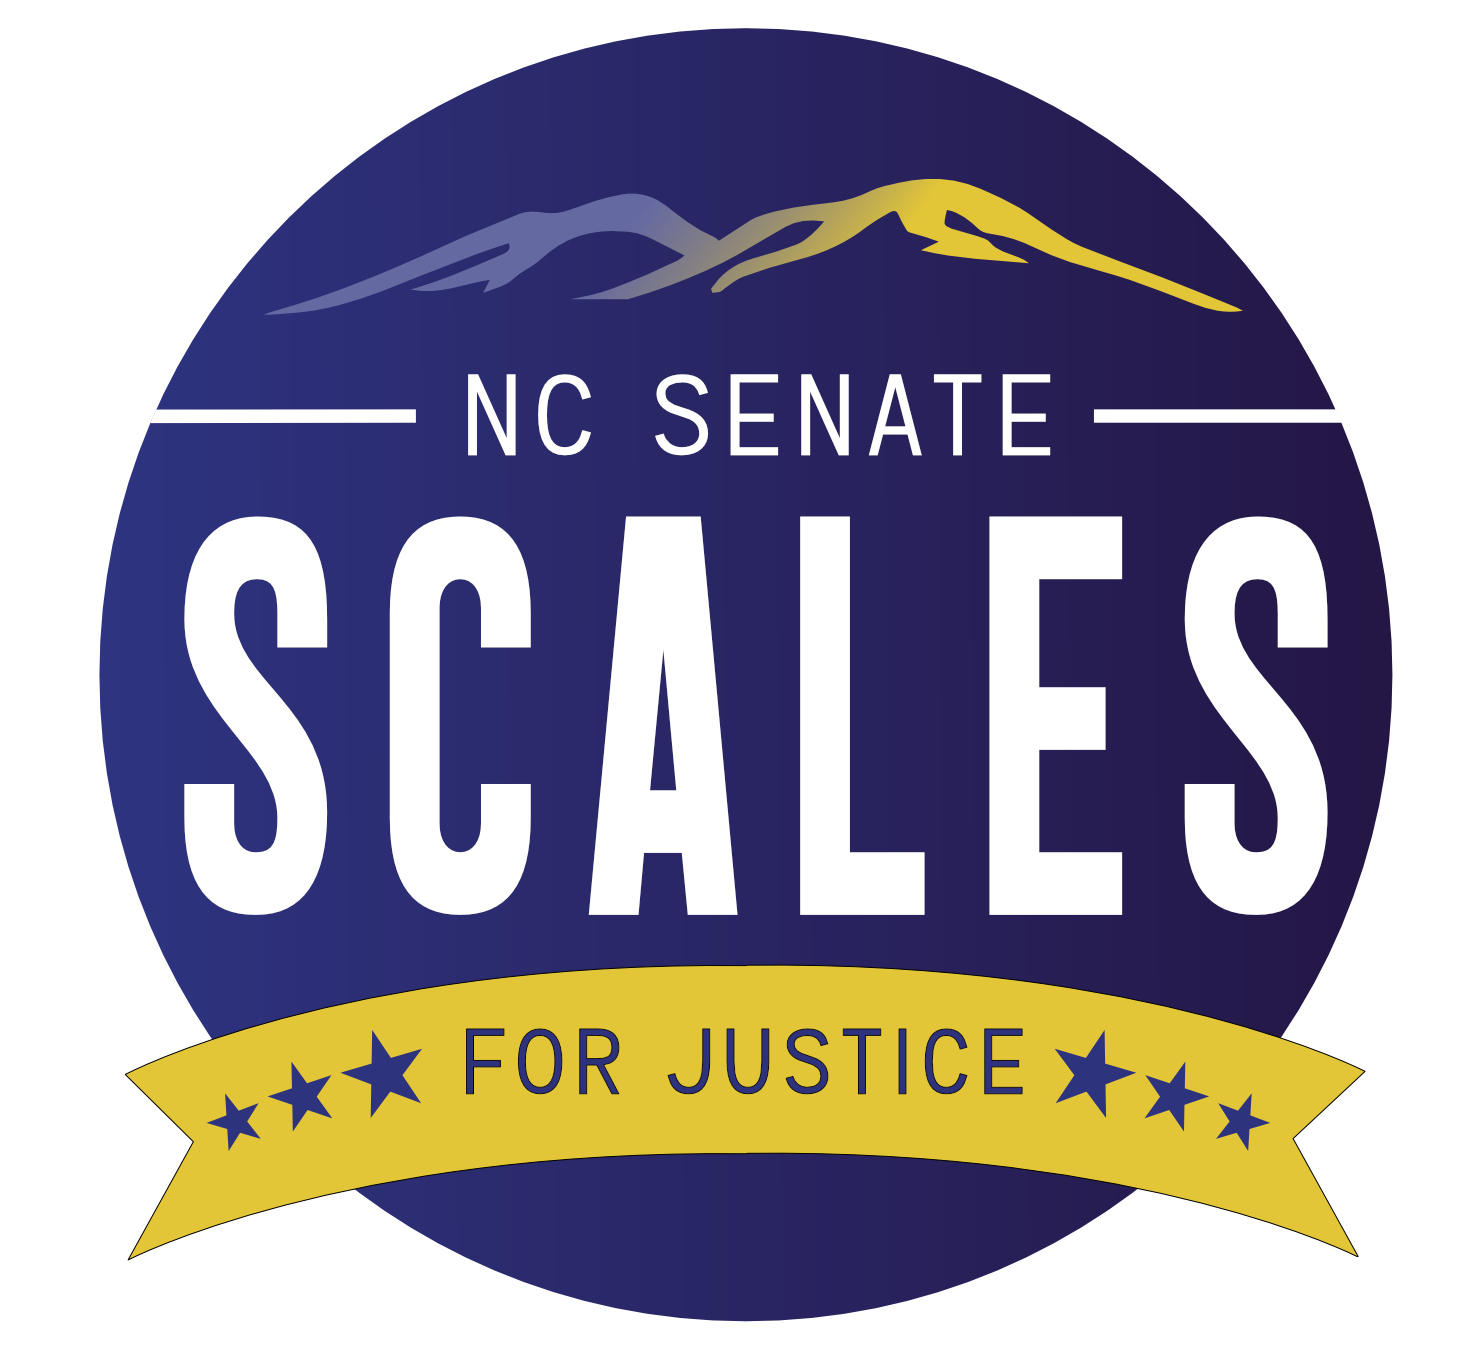 Ben Scales